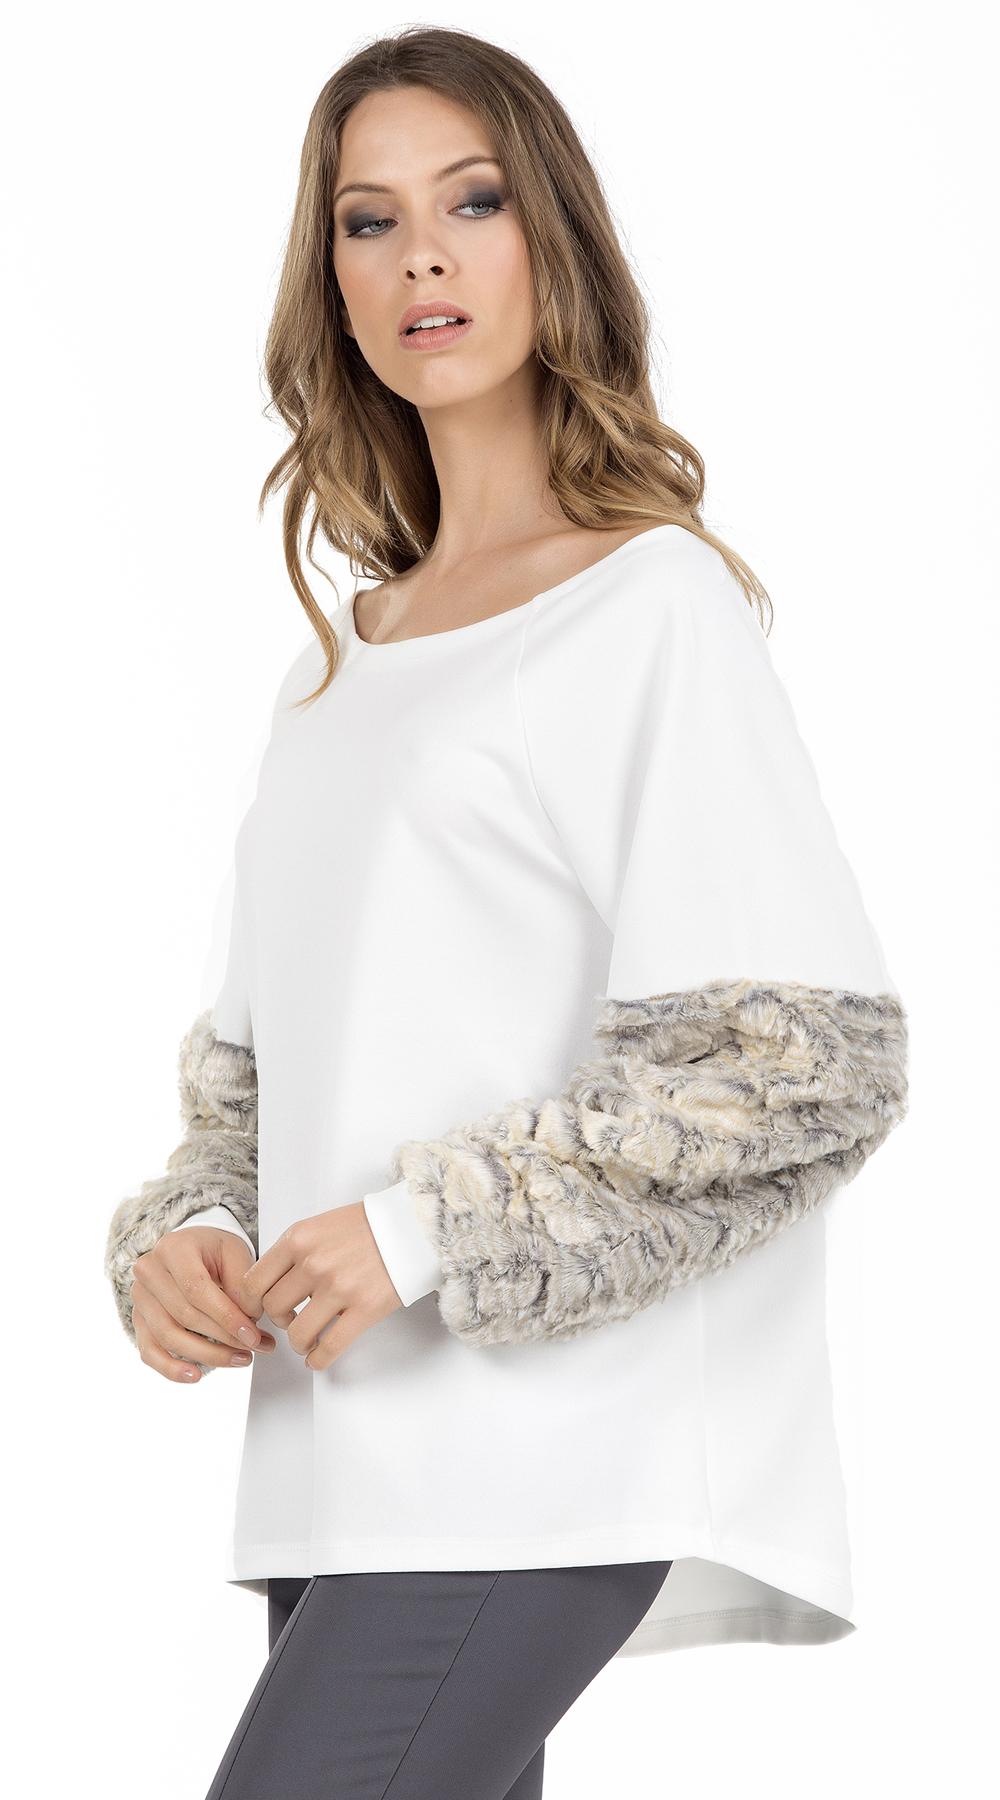 Γυναικεία μπλούζα με γούνα στα μανίκια Online - ONLINE - FA17ON-14143 μπλούζες   t shirts elegant tops